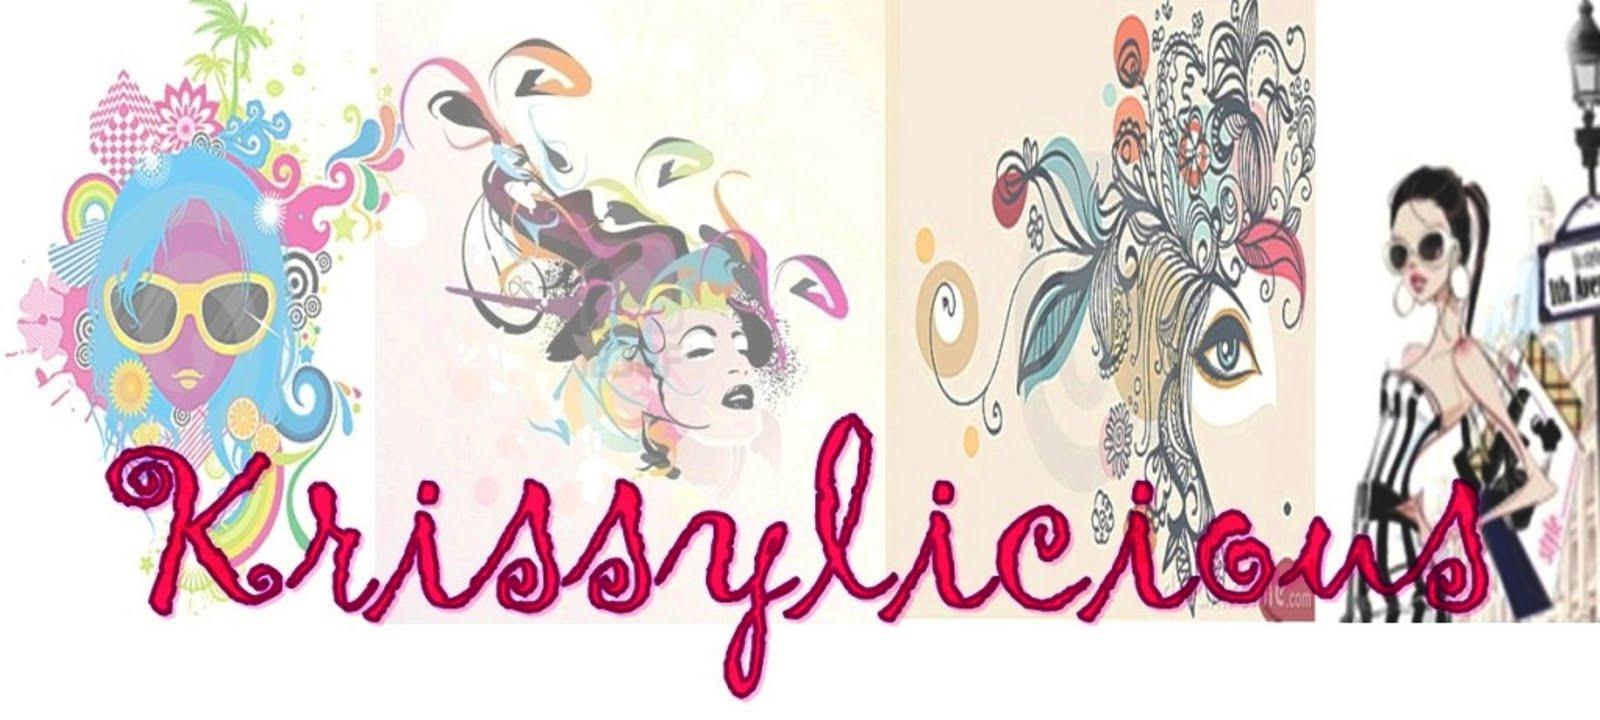 Krissylicious